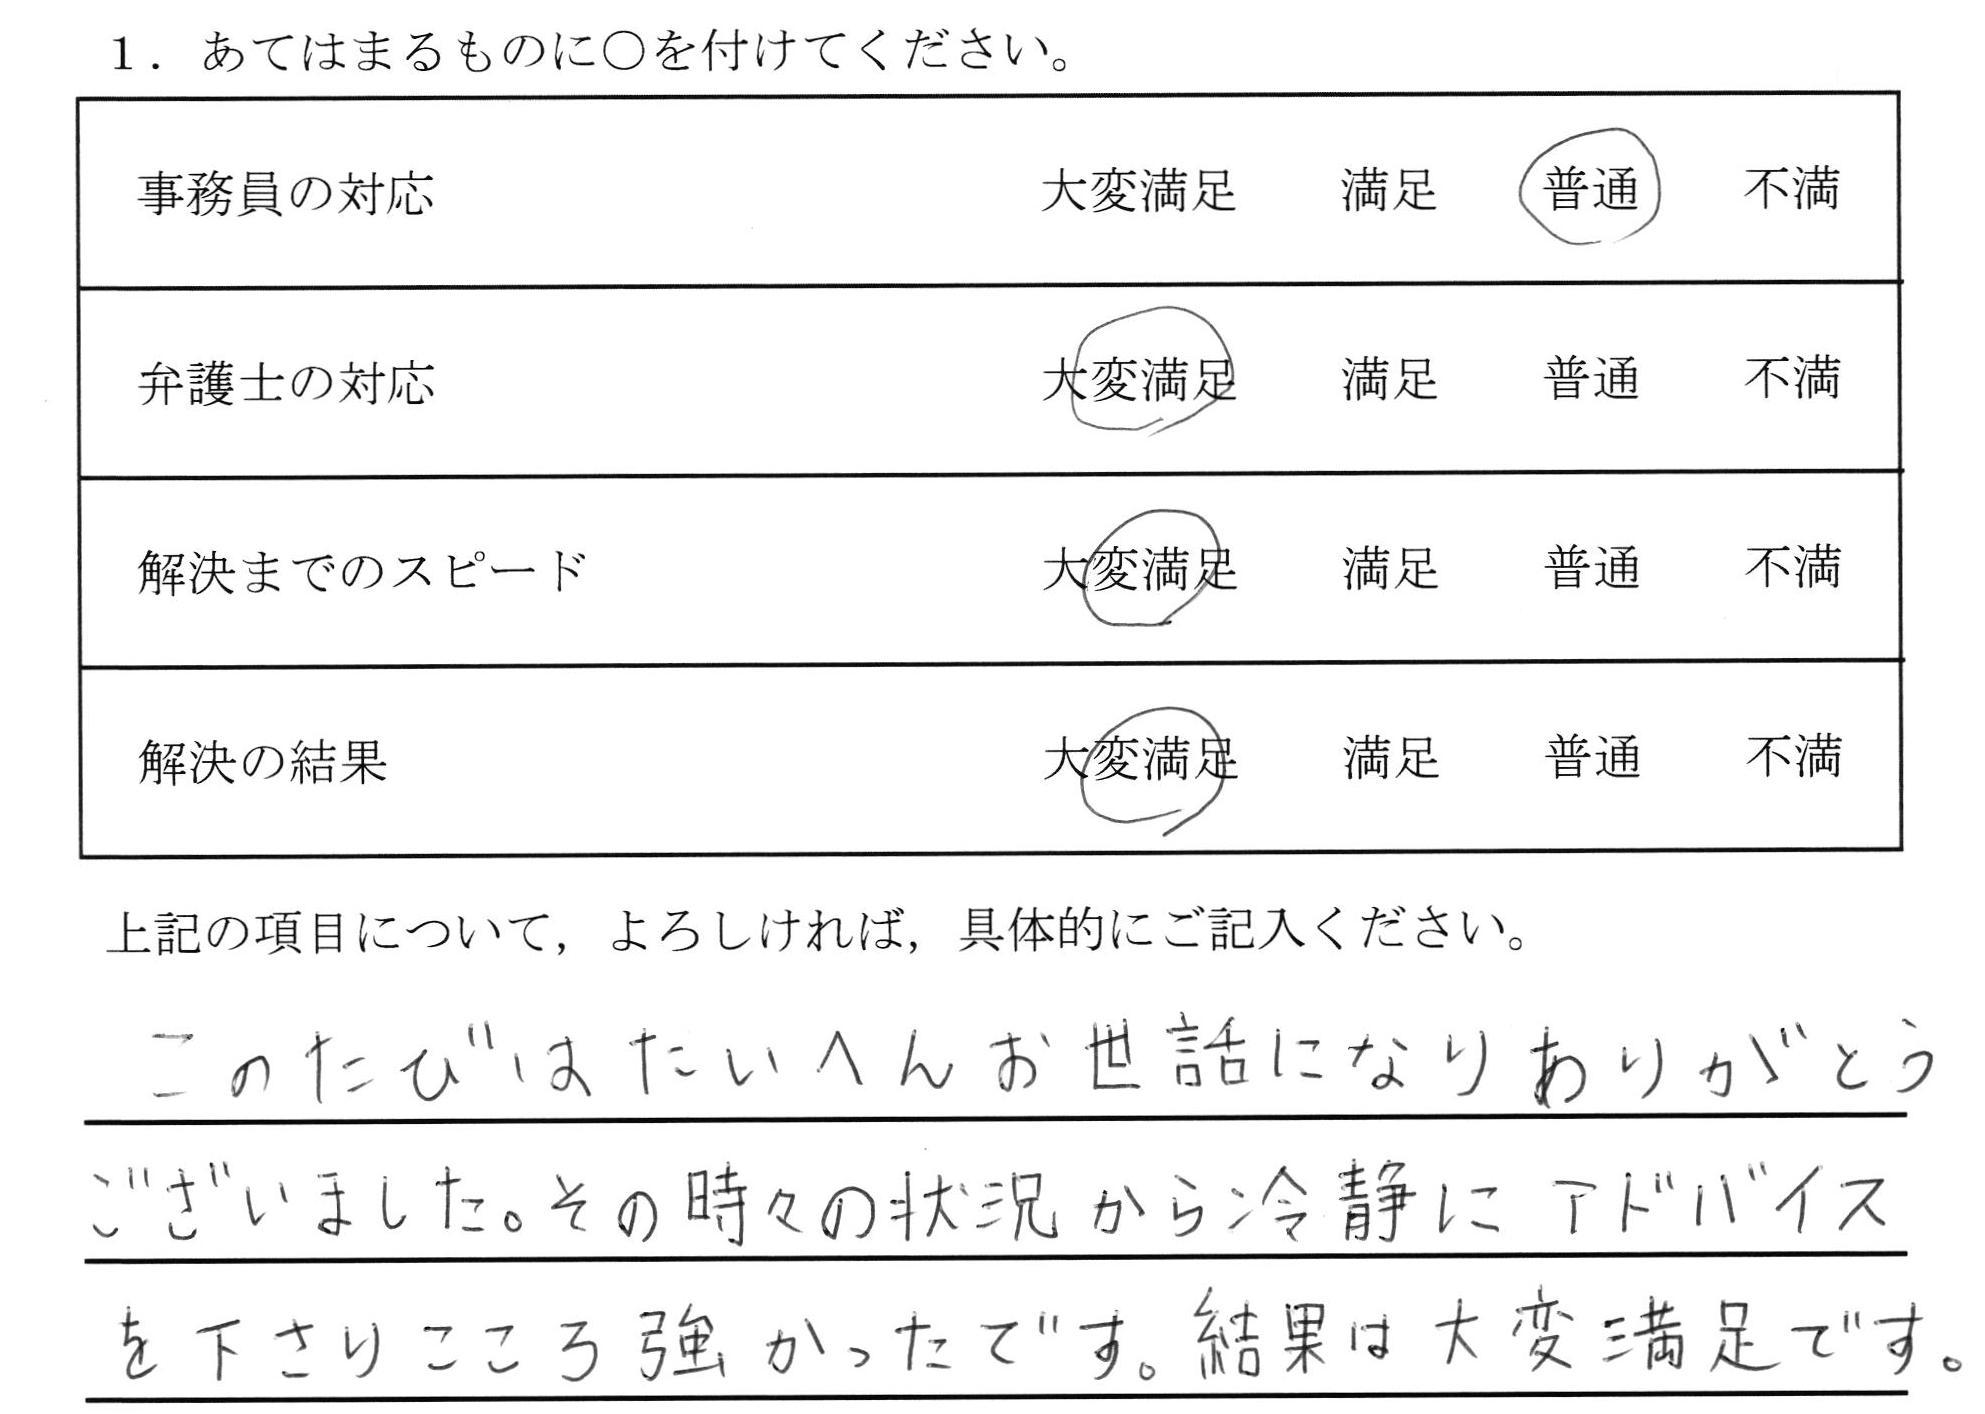 名古屋市30代女性(養育費請求)の依頼者様の声 : このたびはたいへんお世話になりありがとうございました。その時々の状況から冷静にアドバイスを下さりこころ強かったです。結果は大変満足です。